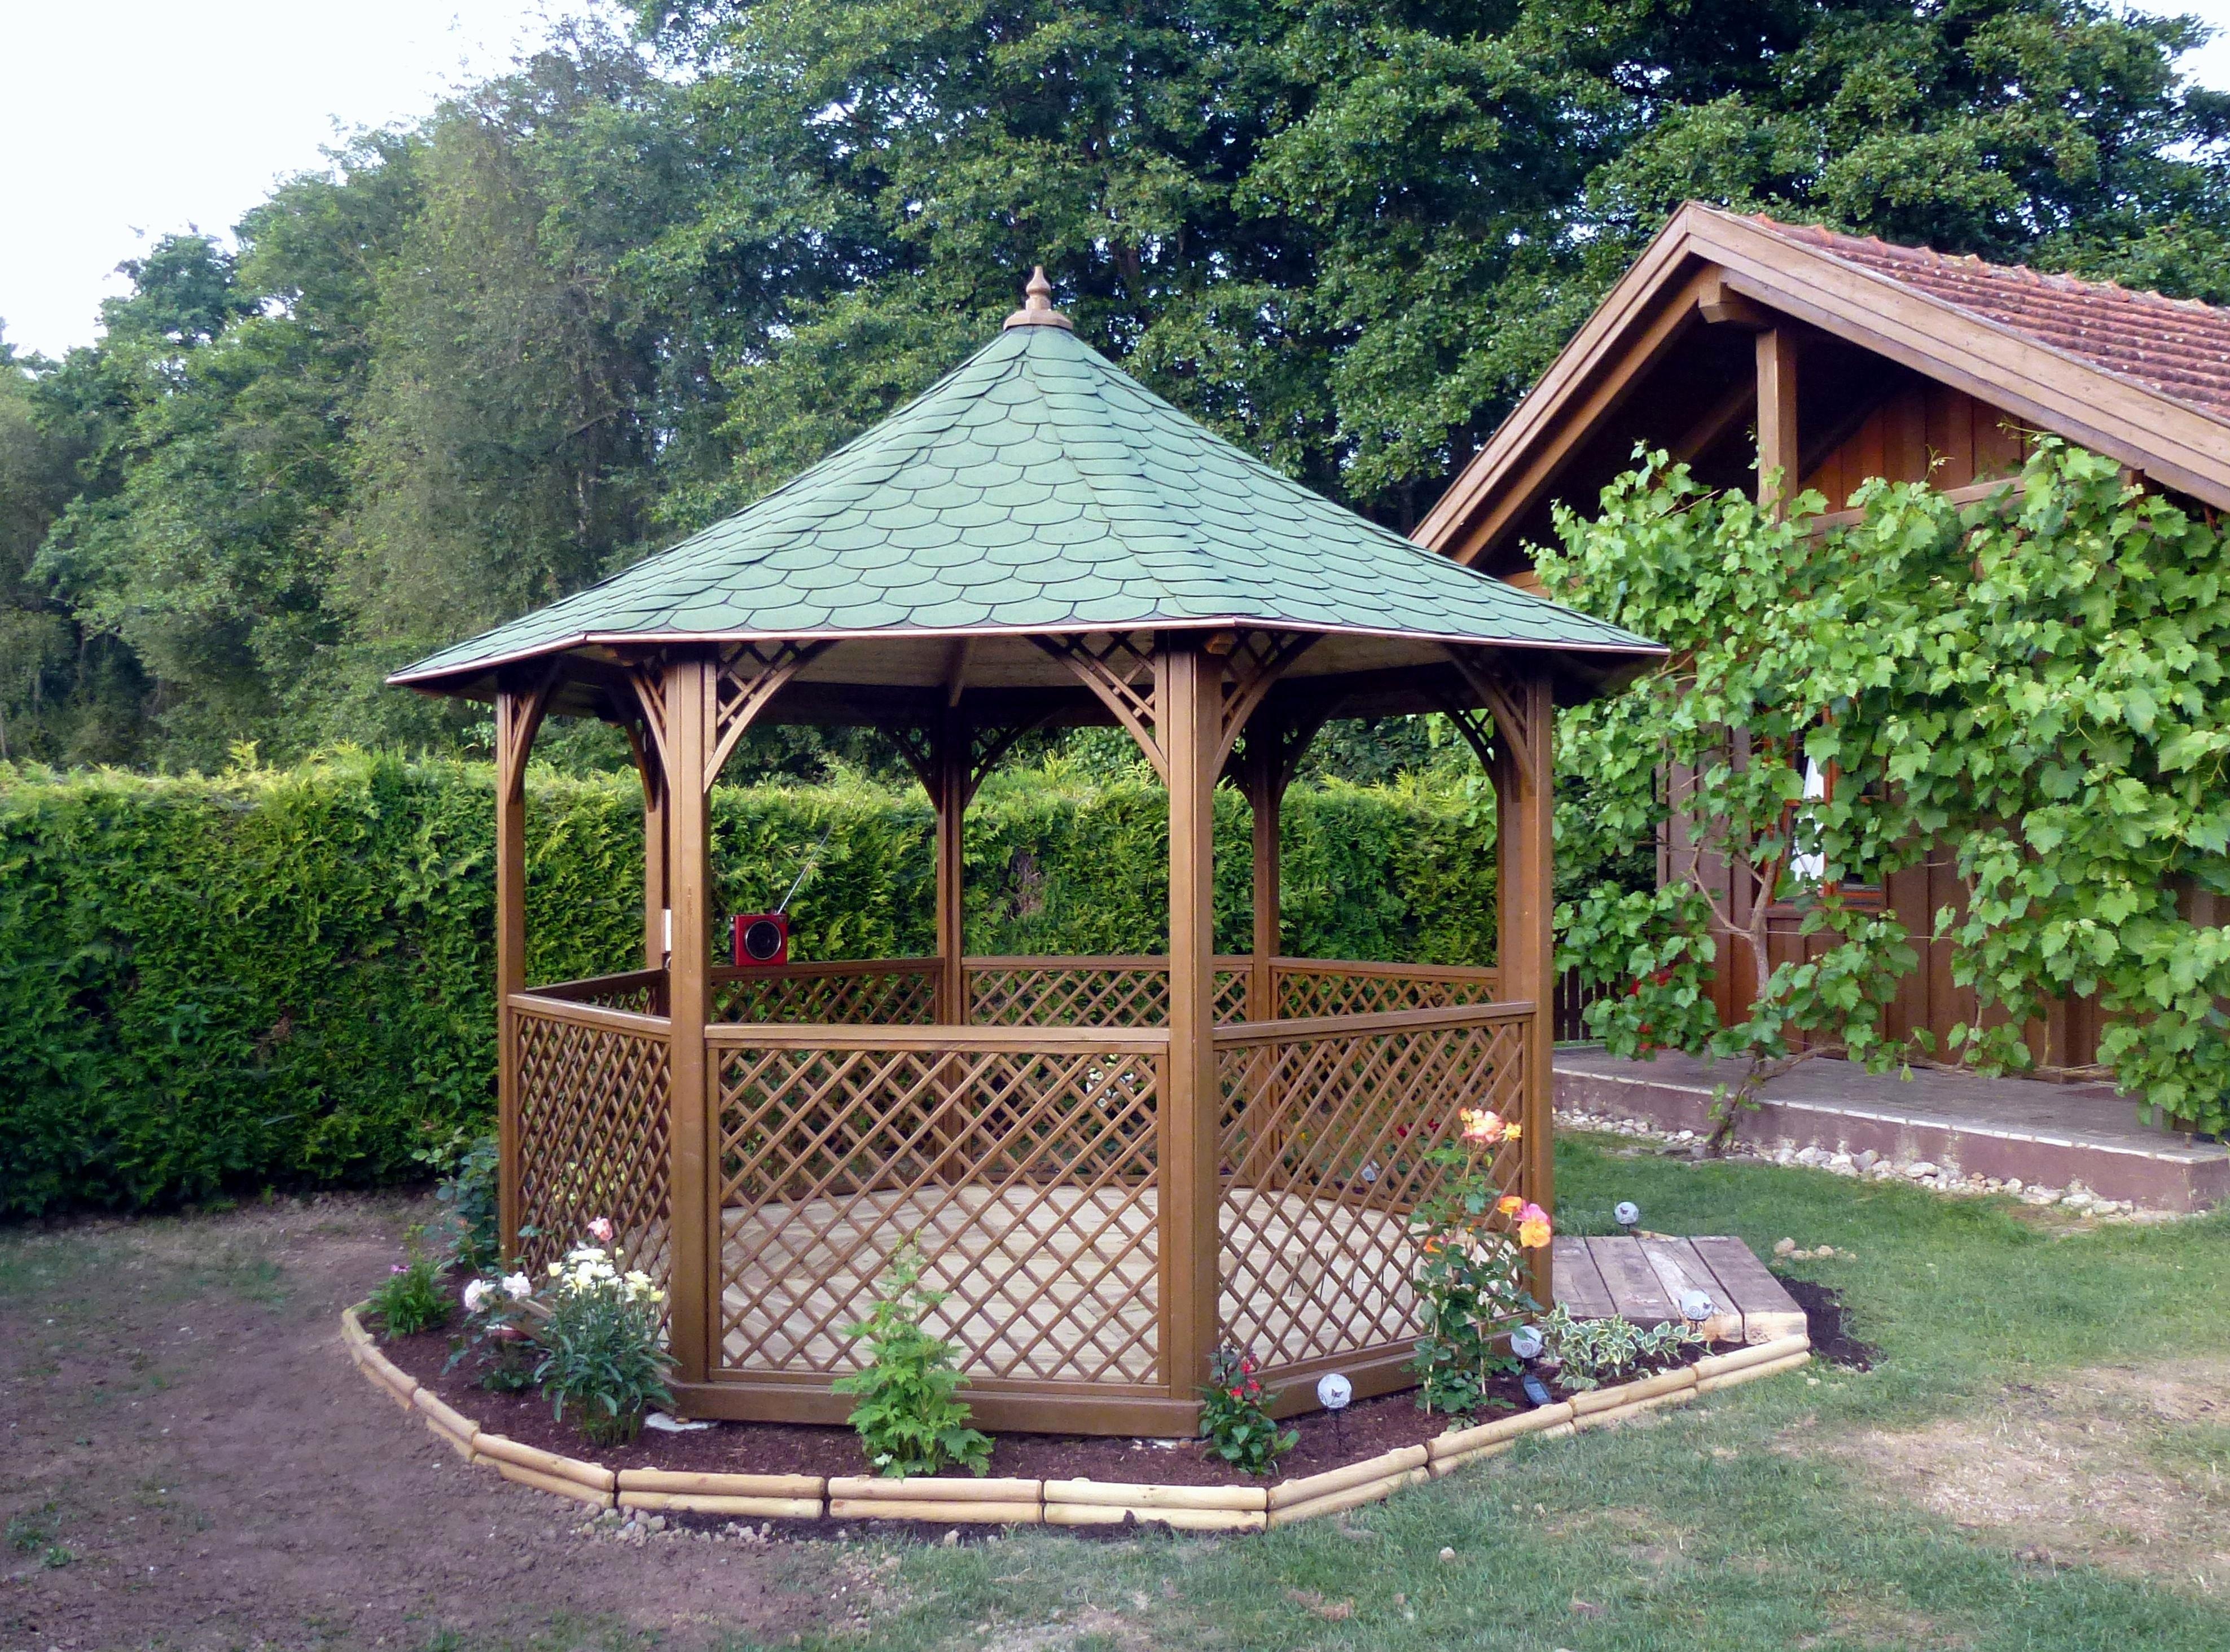 Tonnelle De Jardin Carrefour Nouveau Photos Jardin Des Sens Belfort Avec Inspirant Abri Jardin Carrefour New